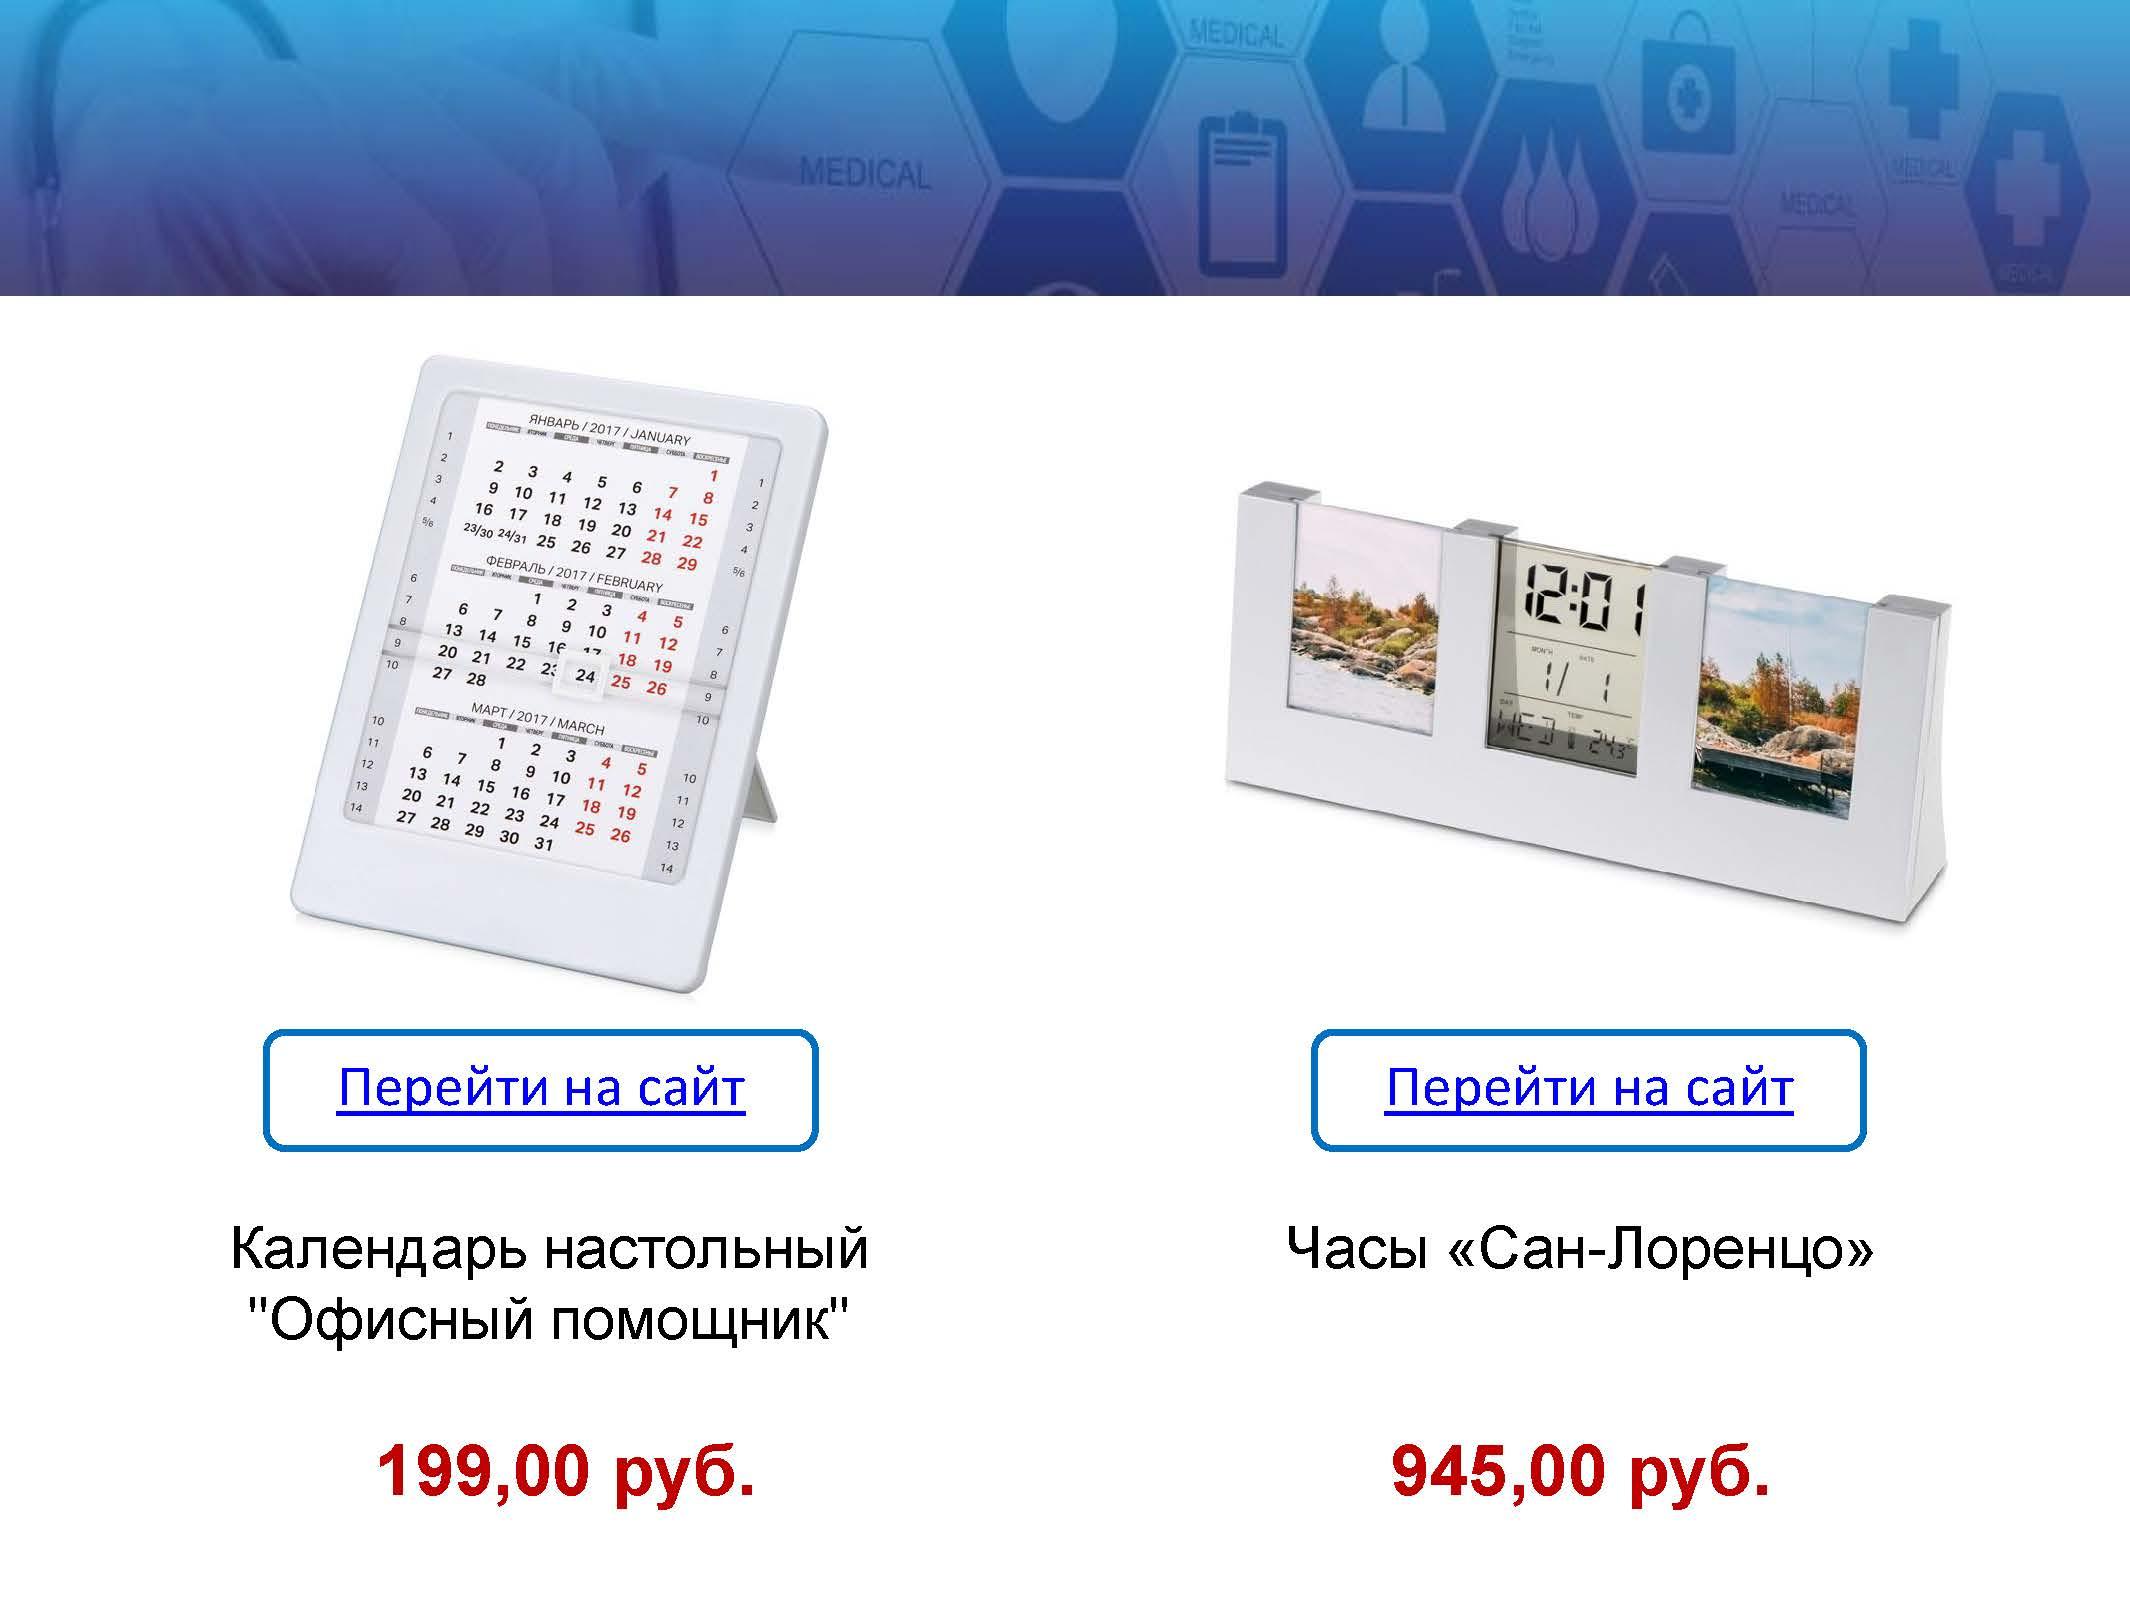 Den-medicinskogo-rabotnika_19.06.16_Страница_03